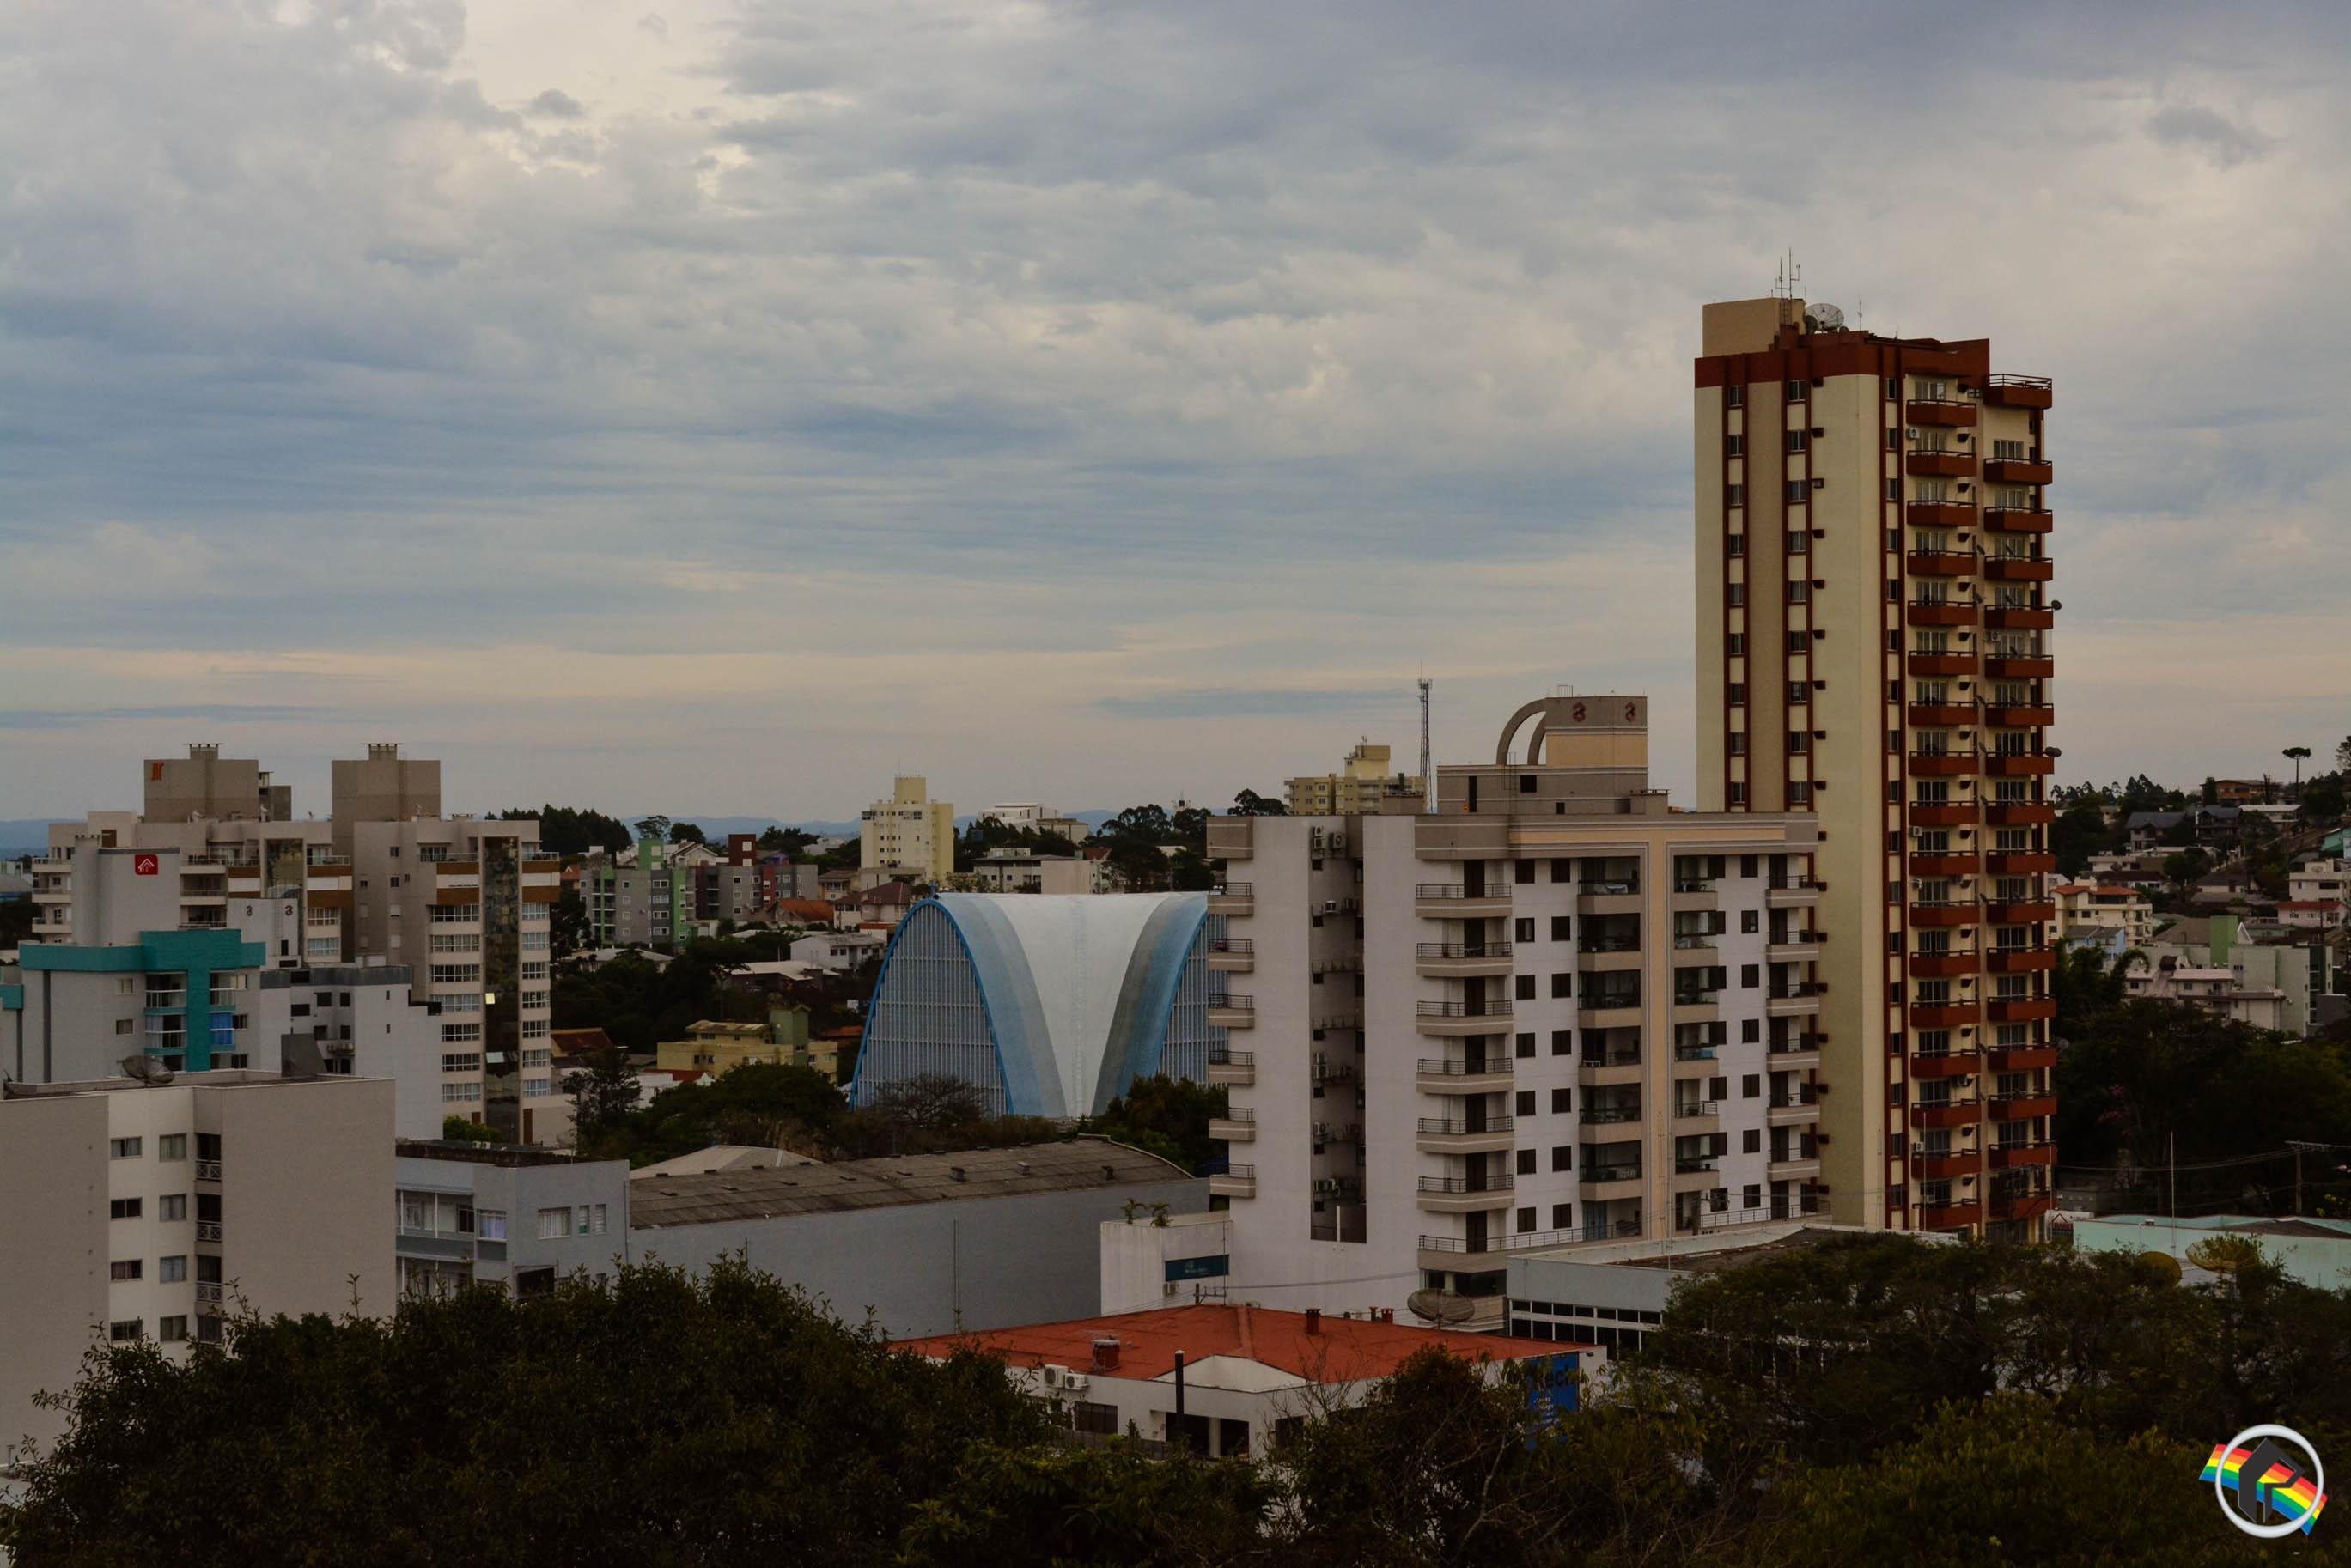 Semana começa com céu nublado e alerta para temporais em SC